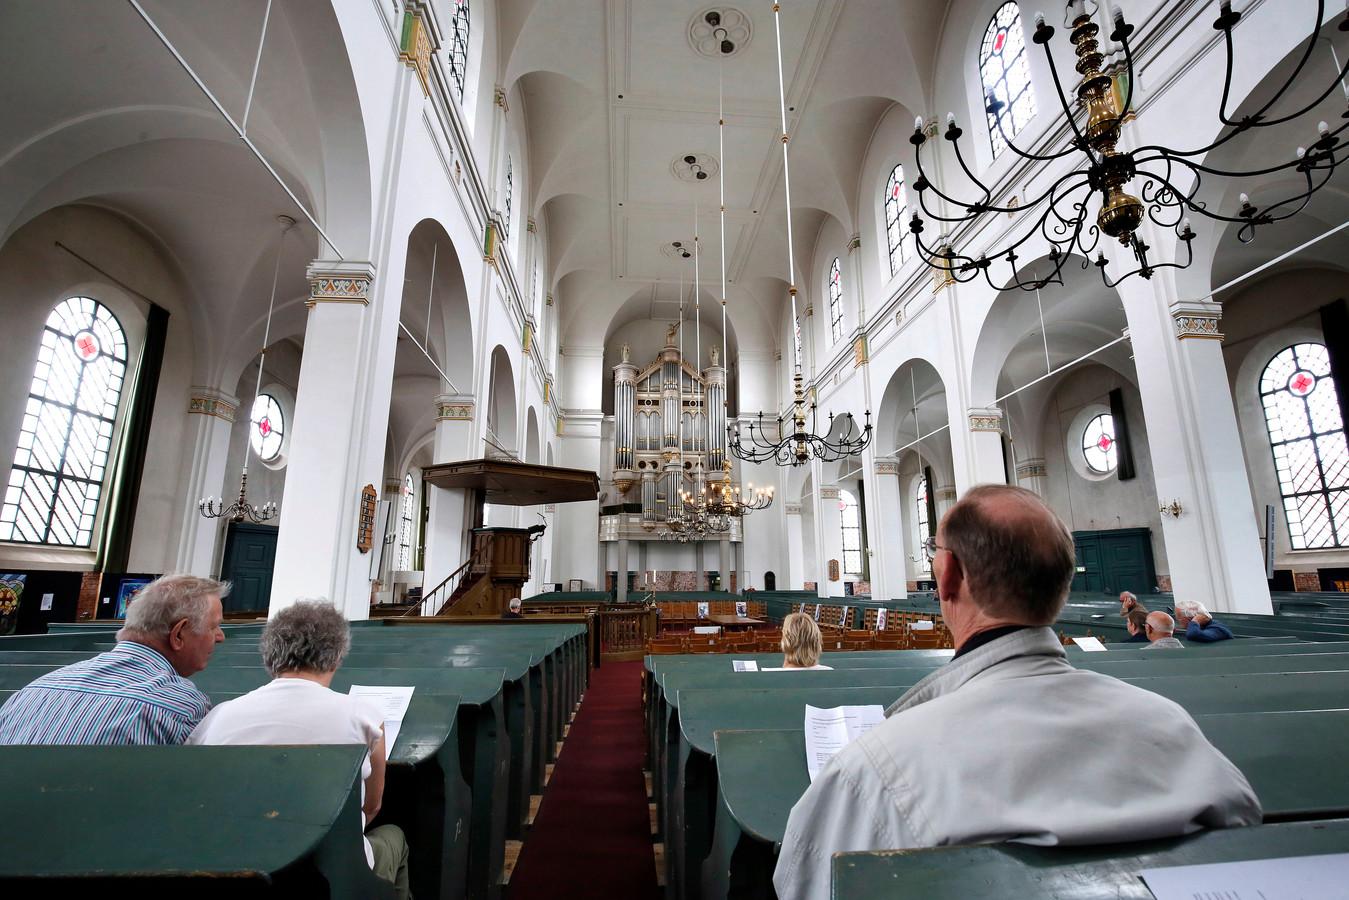 Dominee Maarten Klaassen, één van de initiatiefnemers van de Nederlandse versie van de Nashville-verklaring, zou zondagmorgen de dienst in de Grote Kerk voorgaan.